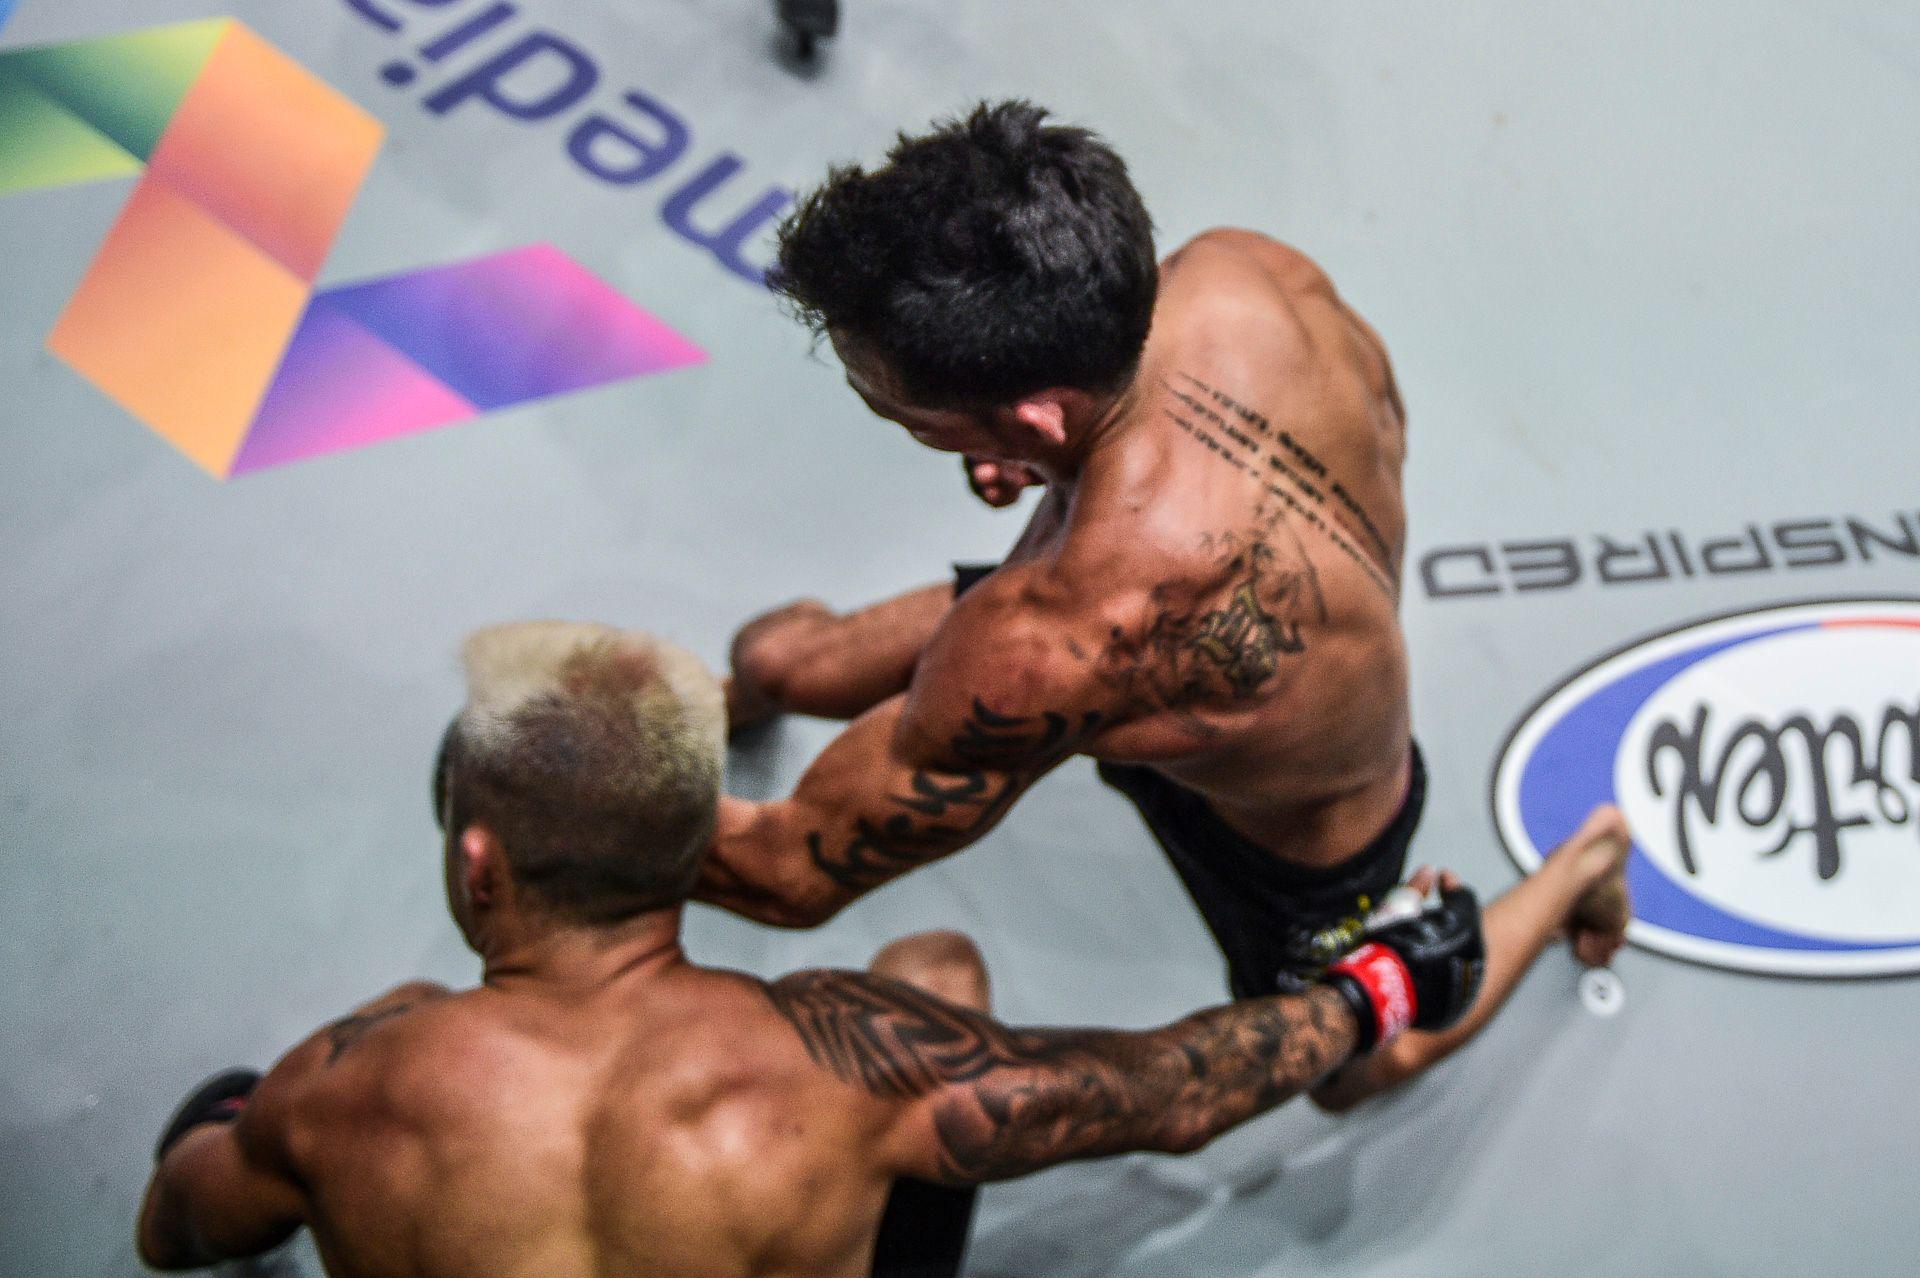 Chùm ảnh: Thành Lê hạ knock-out Martin Nguyễn, trở thành nhà vua mới tại hạng lông của ONE Championship - Ảnh 4.